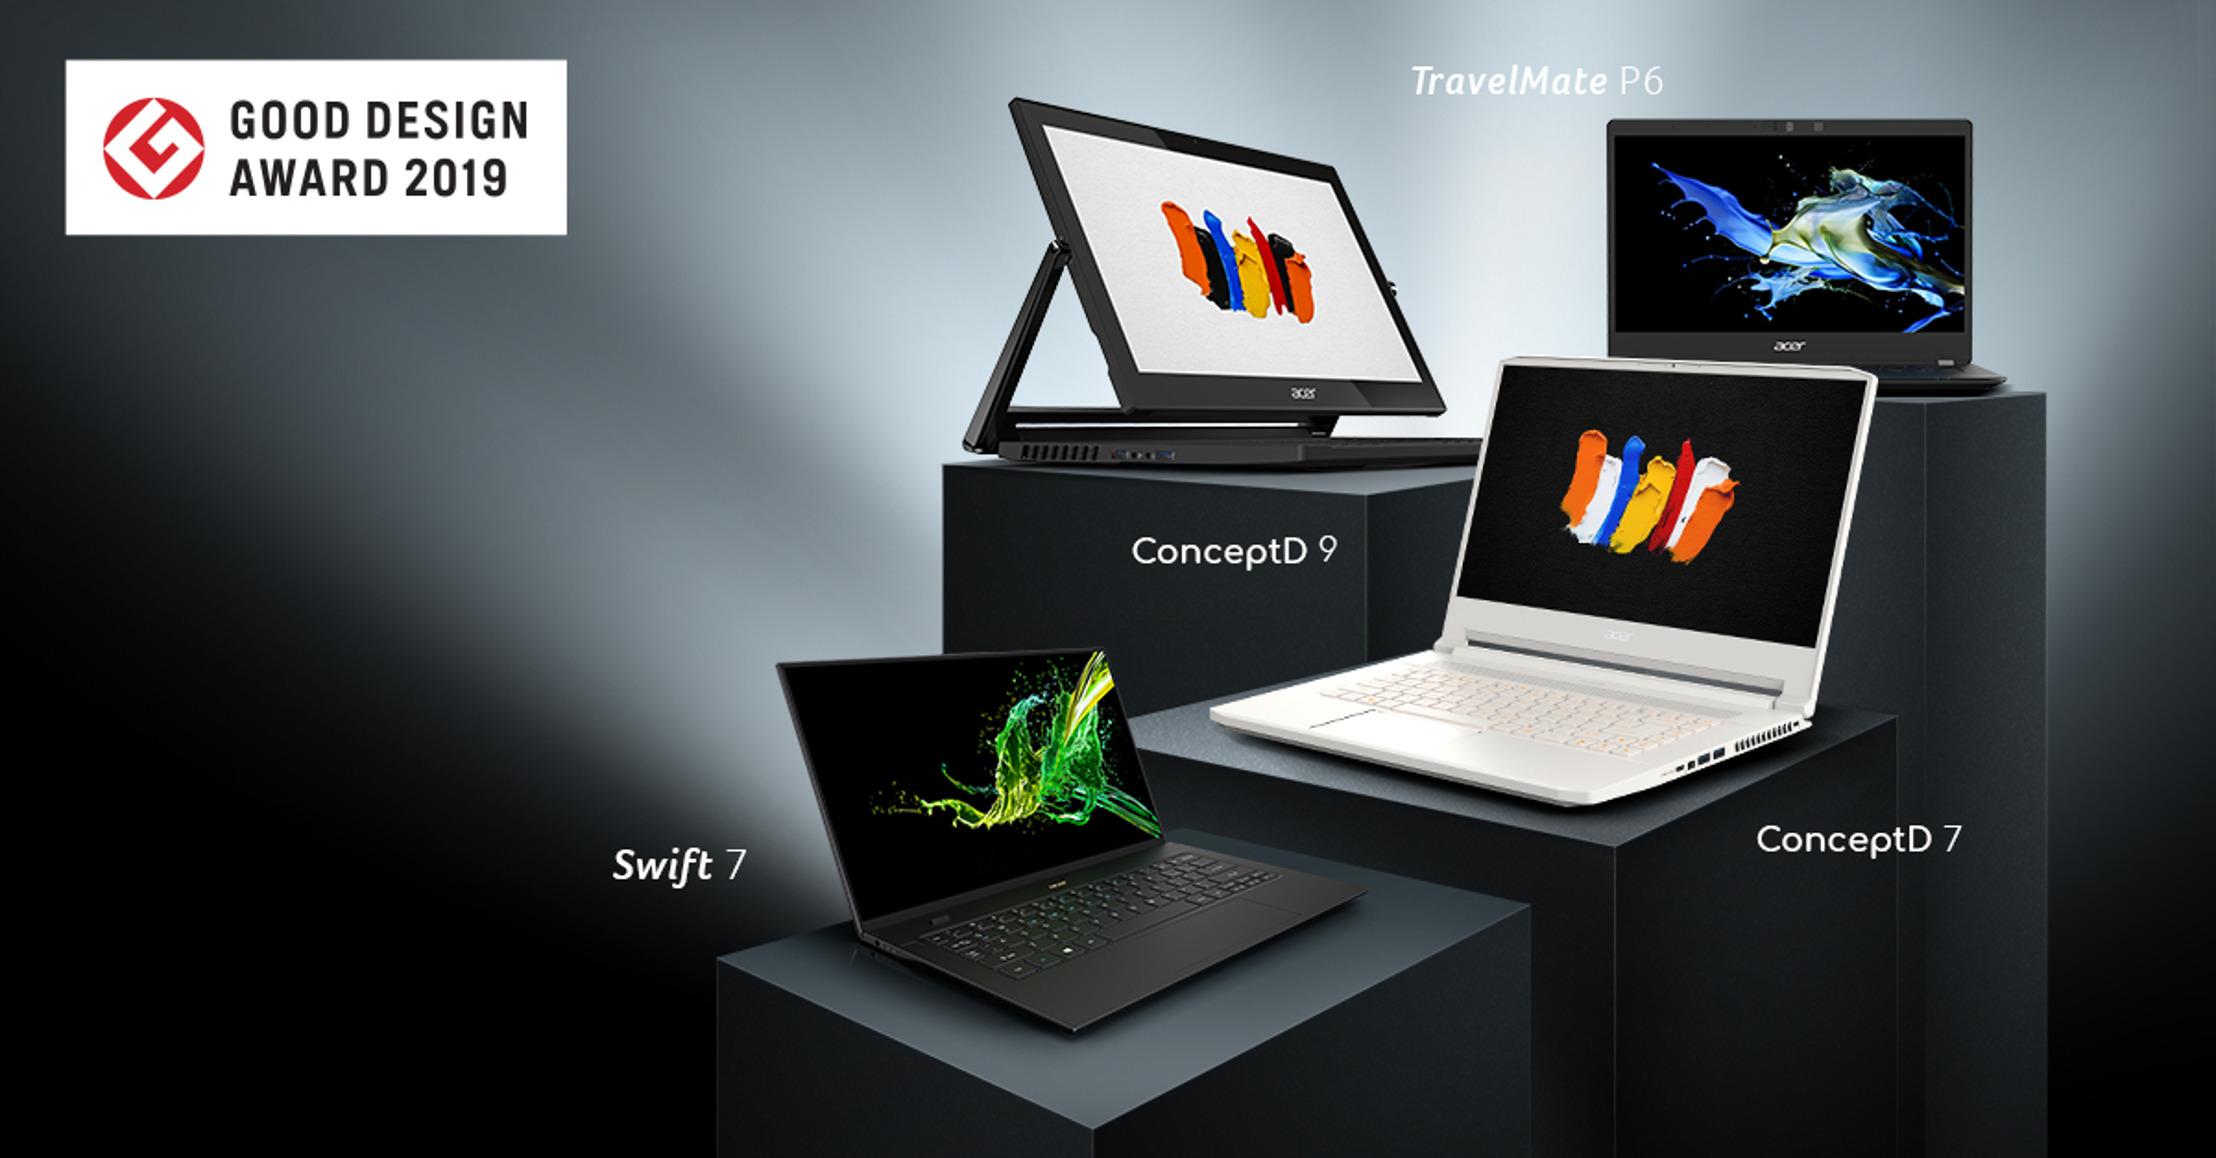 Foto de Los diseños de notebooks Acer, incluidas las nuevas ConceptD, ganan los premios Good Design Awards 2019